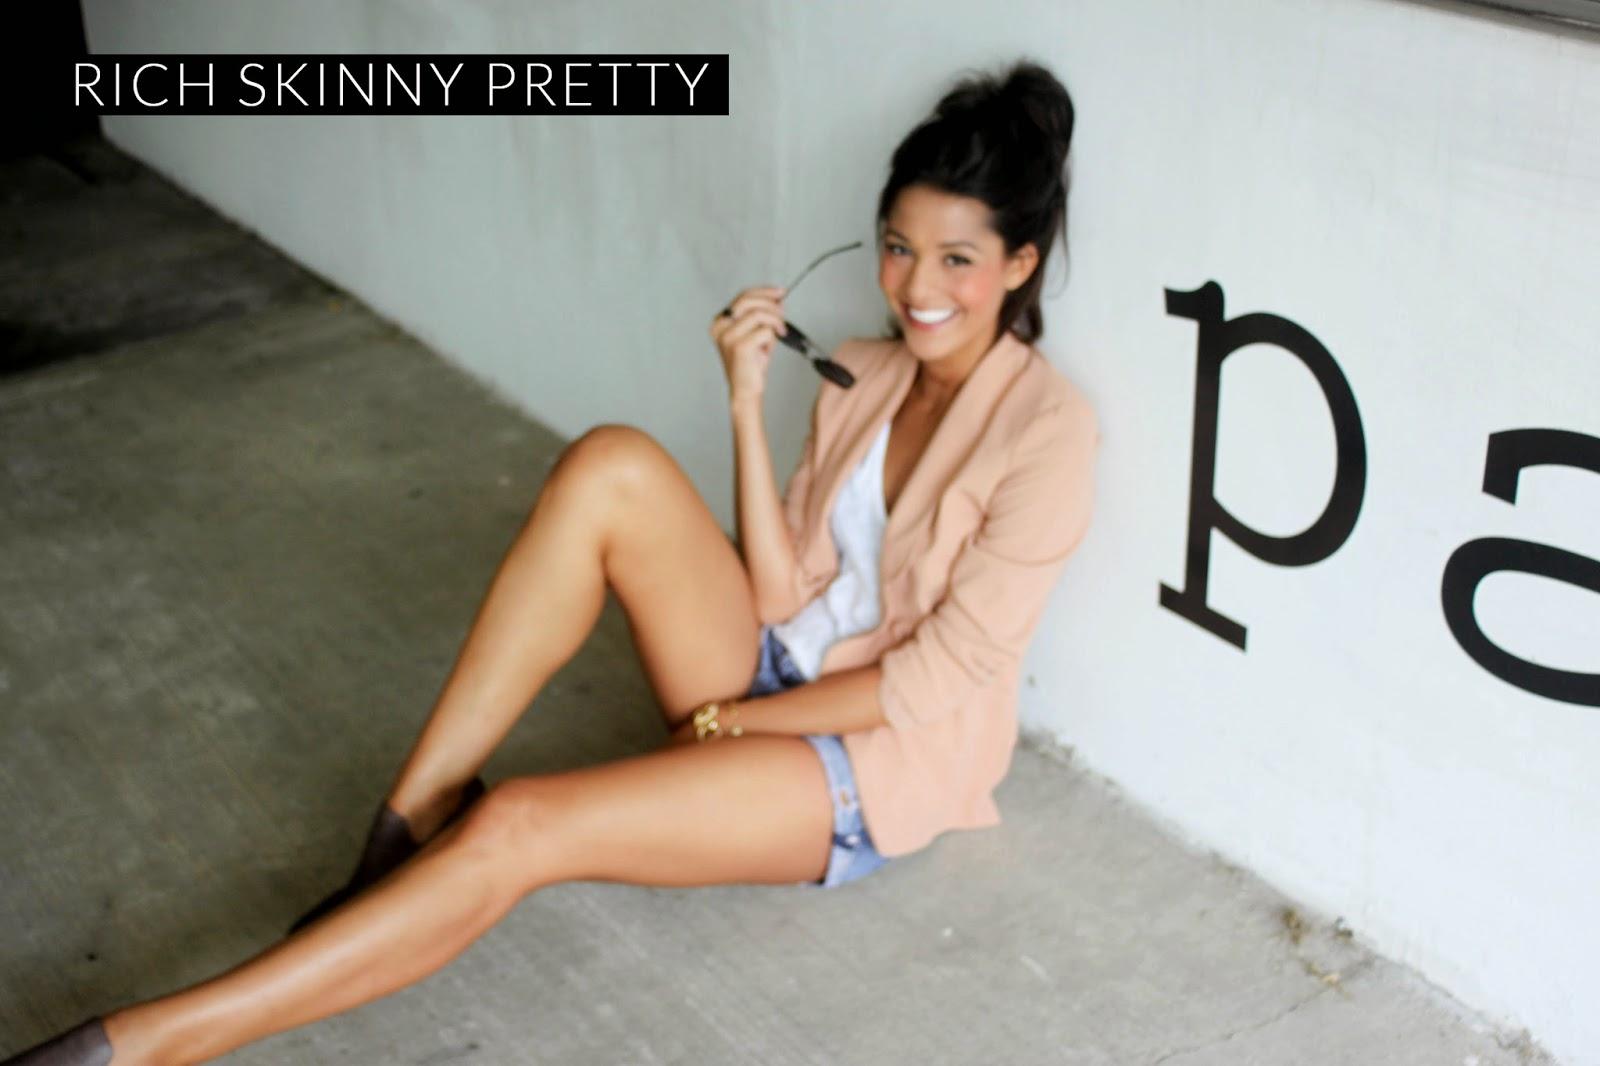 Rich skinny pretty